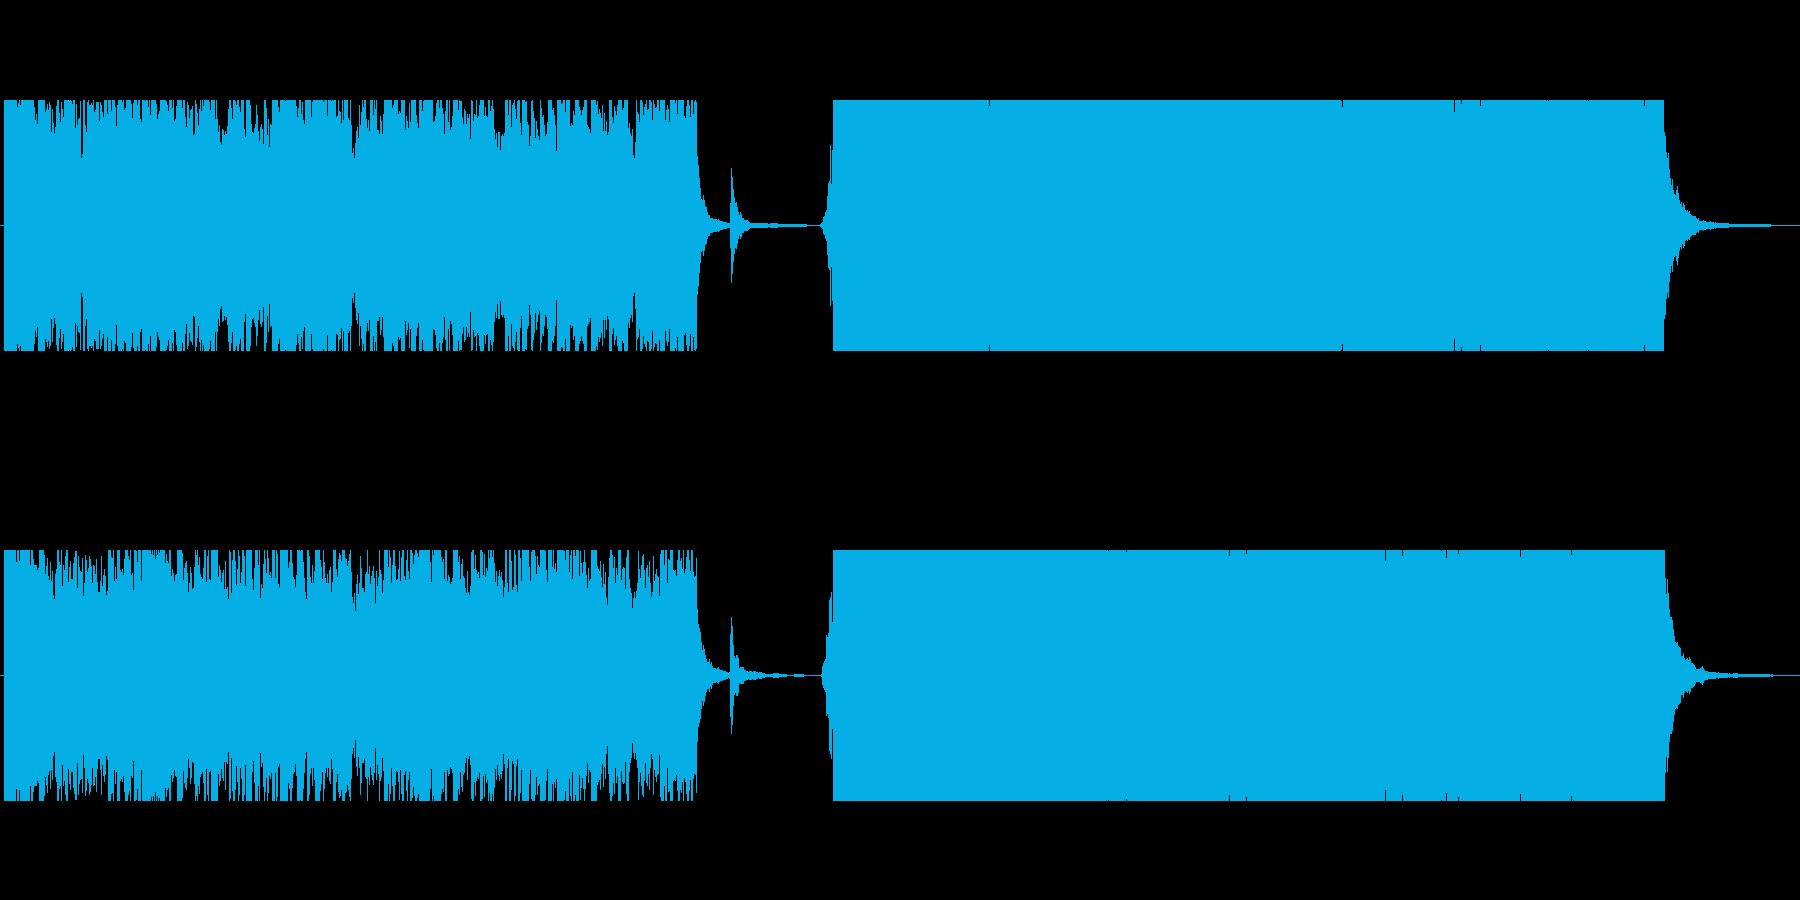 「壮大なオーケストラ」の再生済みの波形